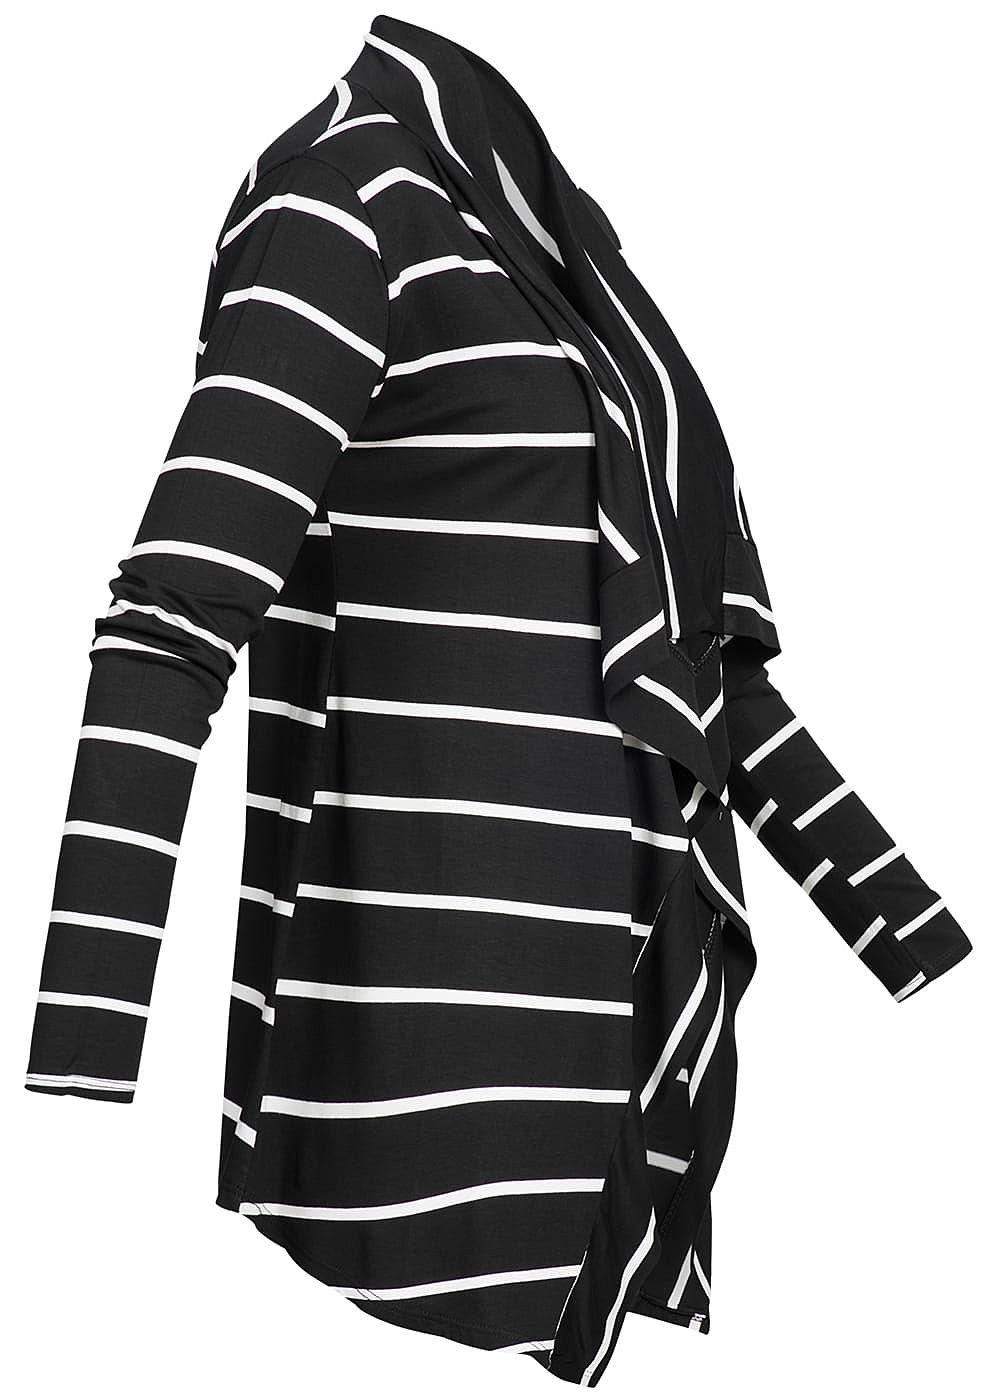 Styleboom Fashion Damen Cardigan Streifen Muster schwarz weiss